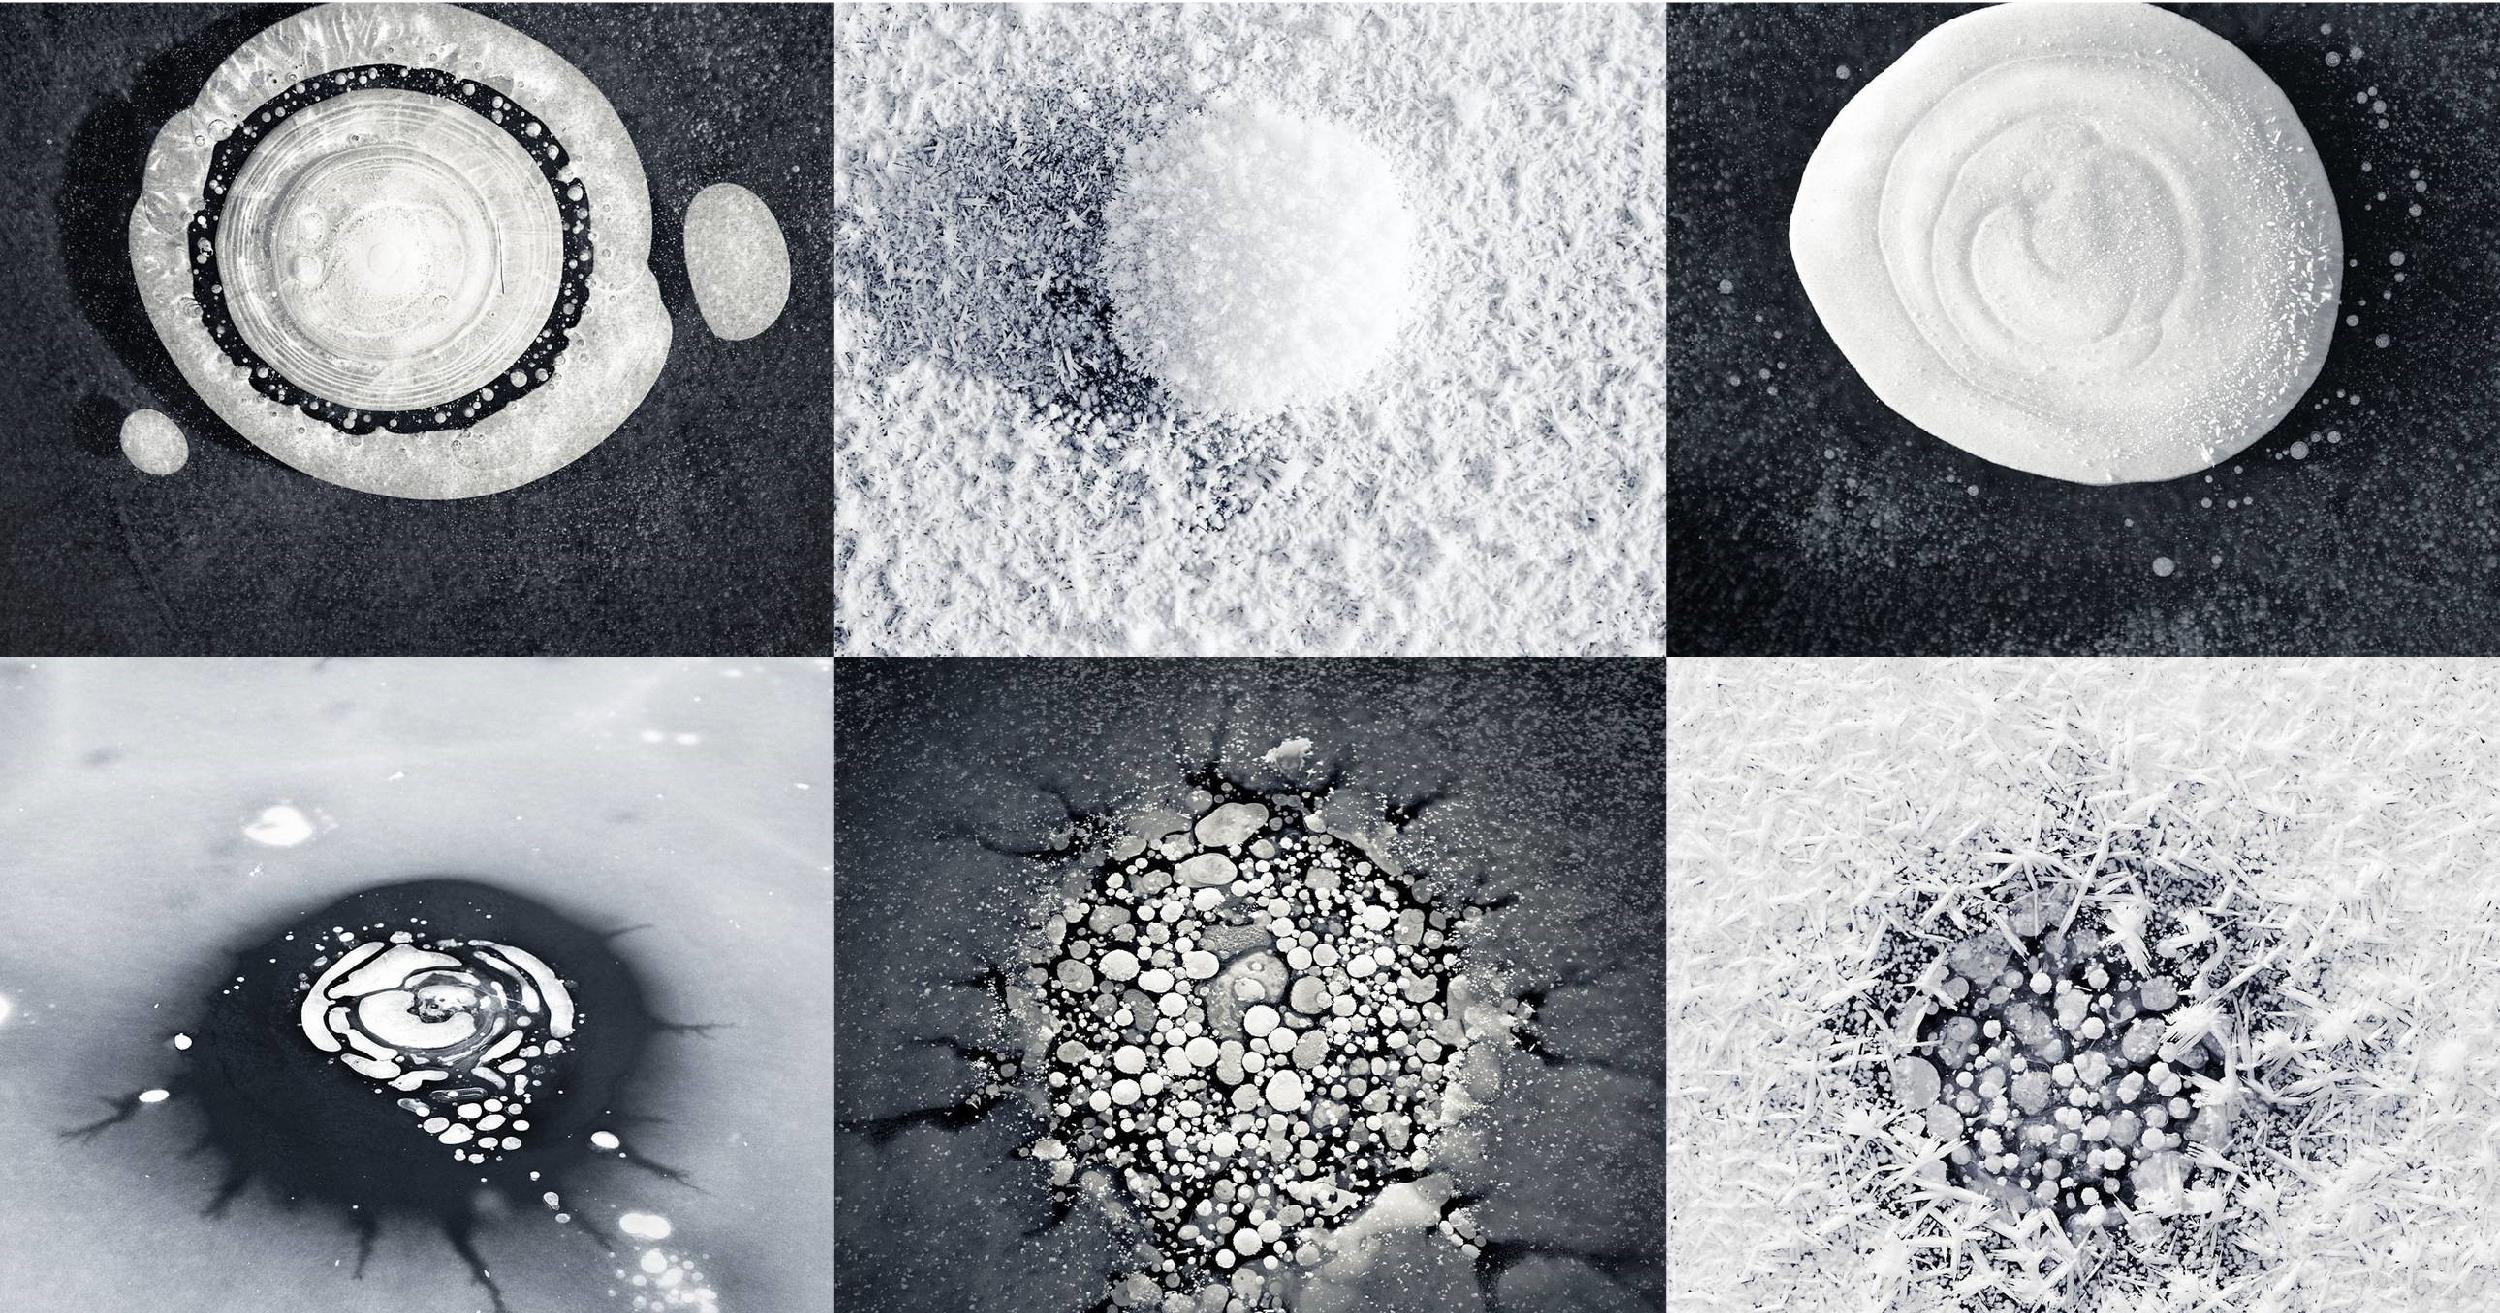 """Thông điệp """"vàng"""" phía sau vẻ đẹp lạ của bộ ảnh """"Ice Formations"""" tại Alaska"""